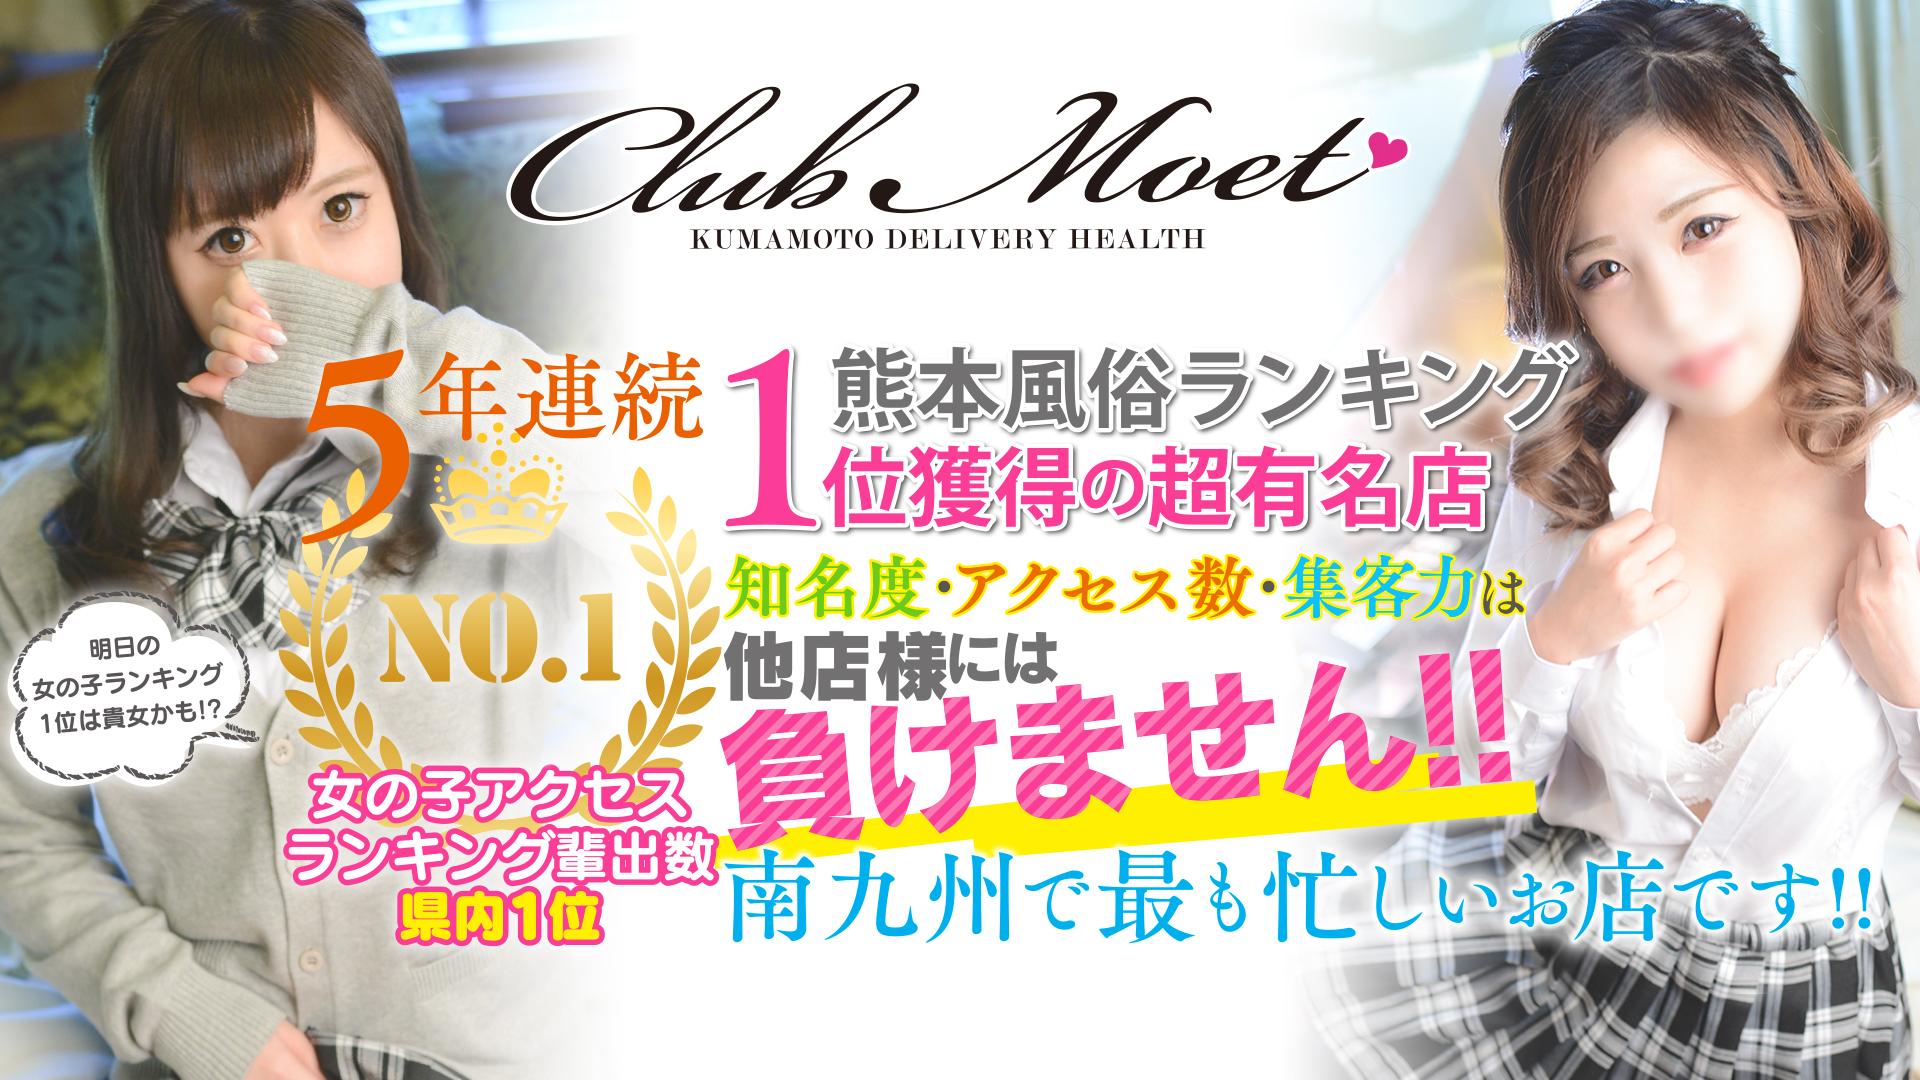 激カワ素人デリヘル「Club Moet」の求人画像